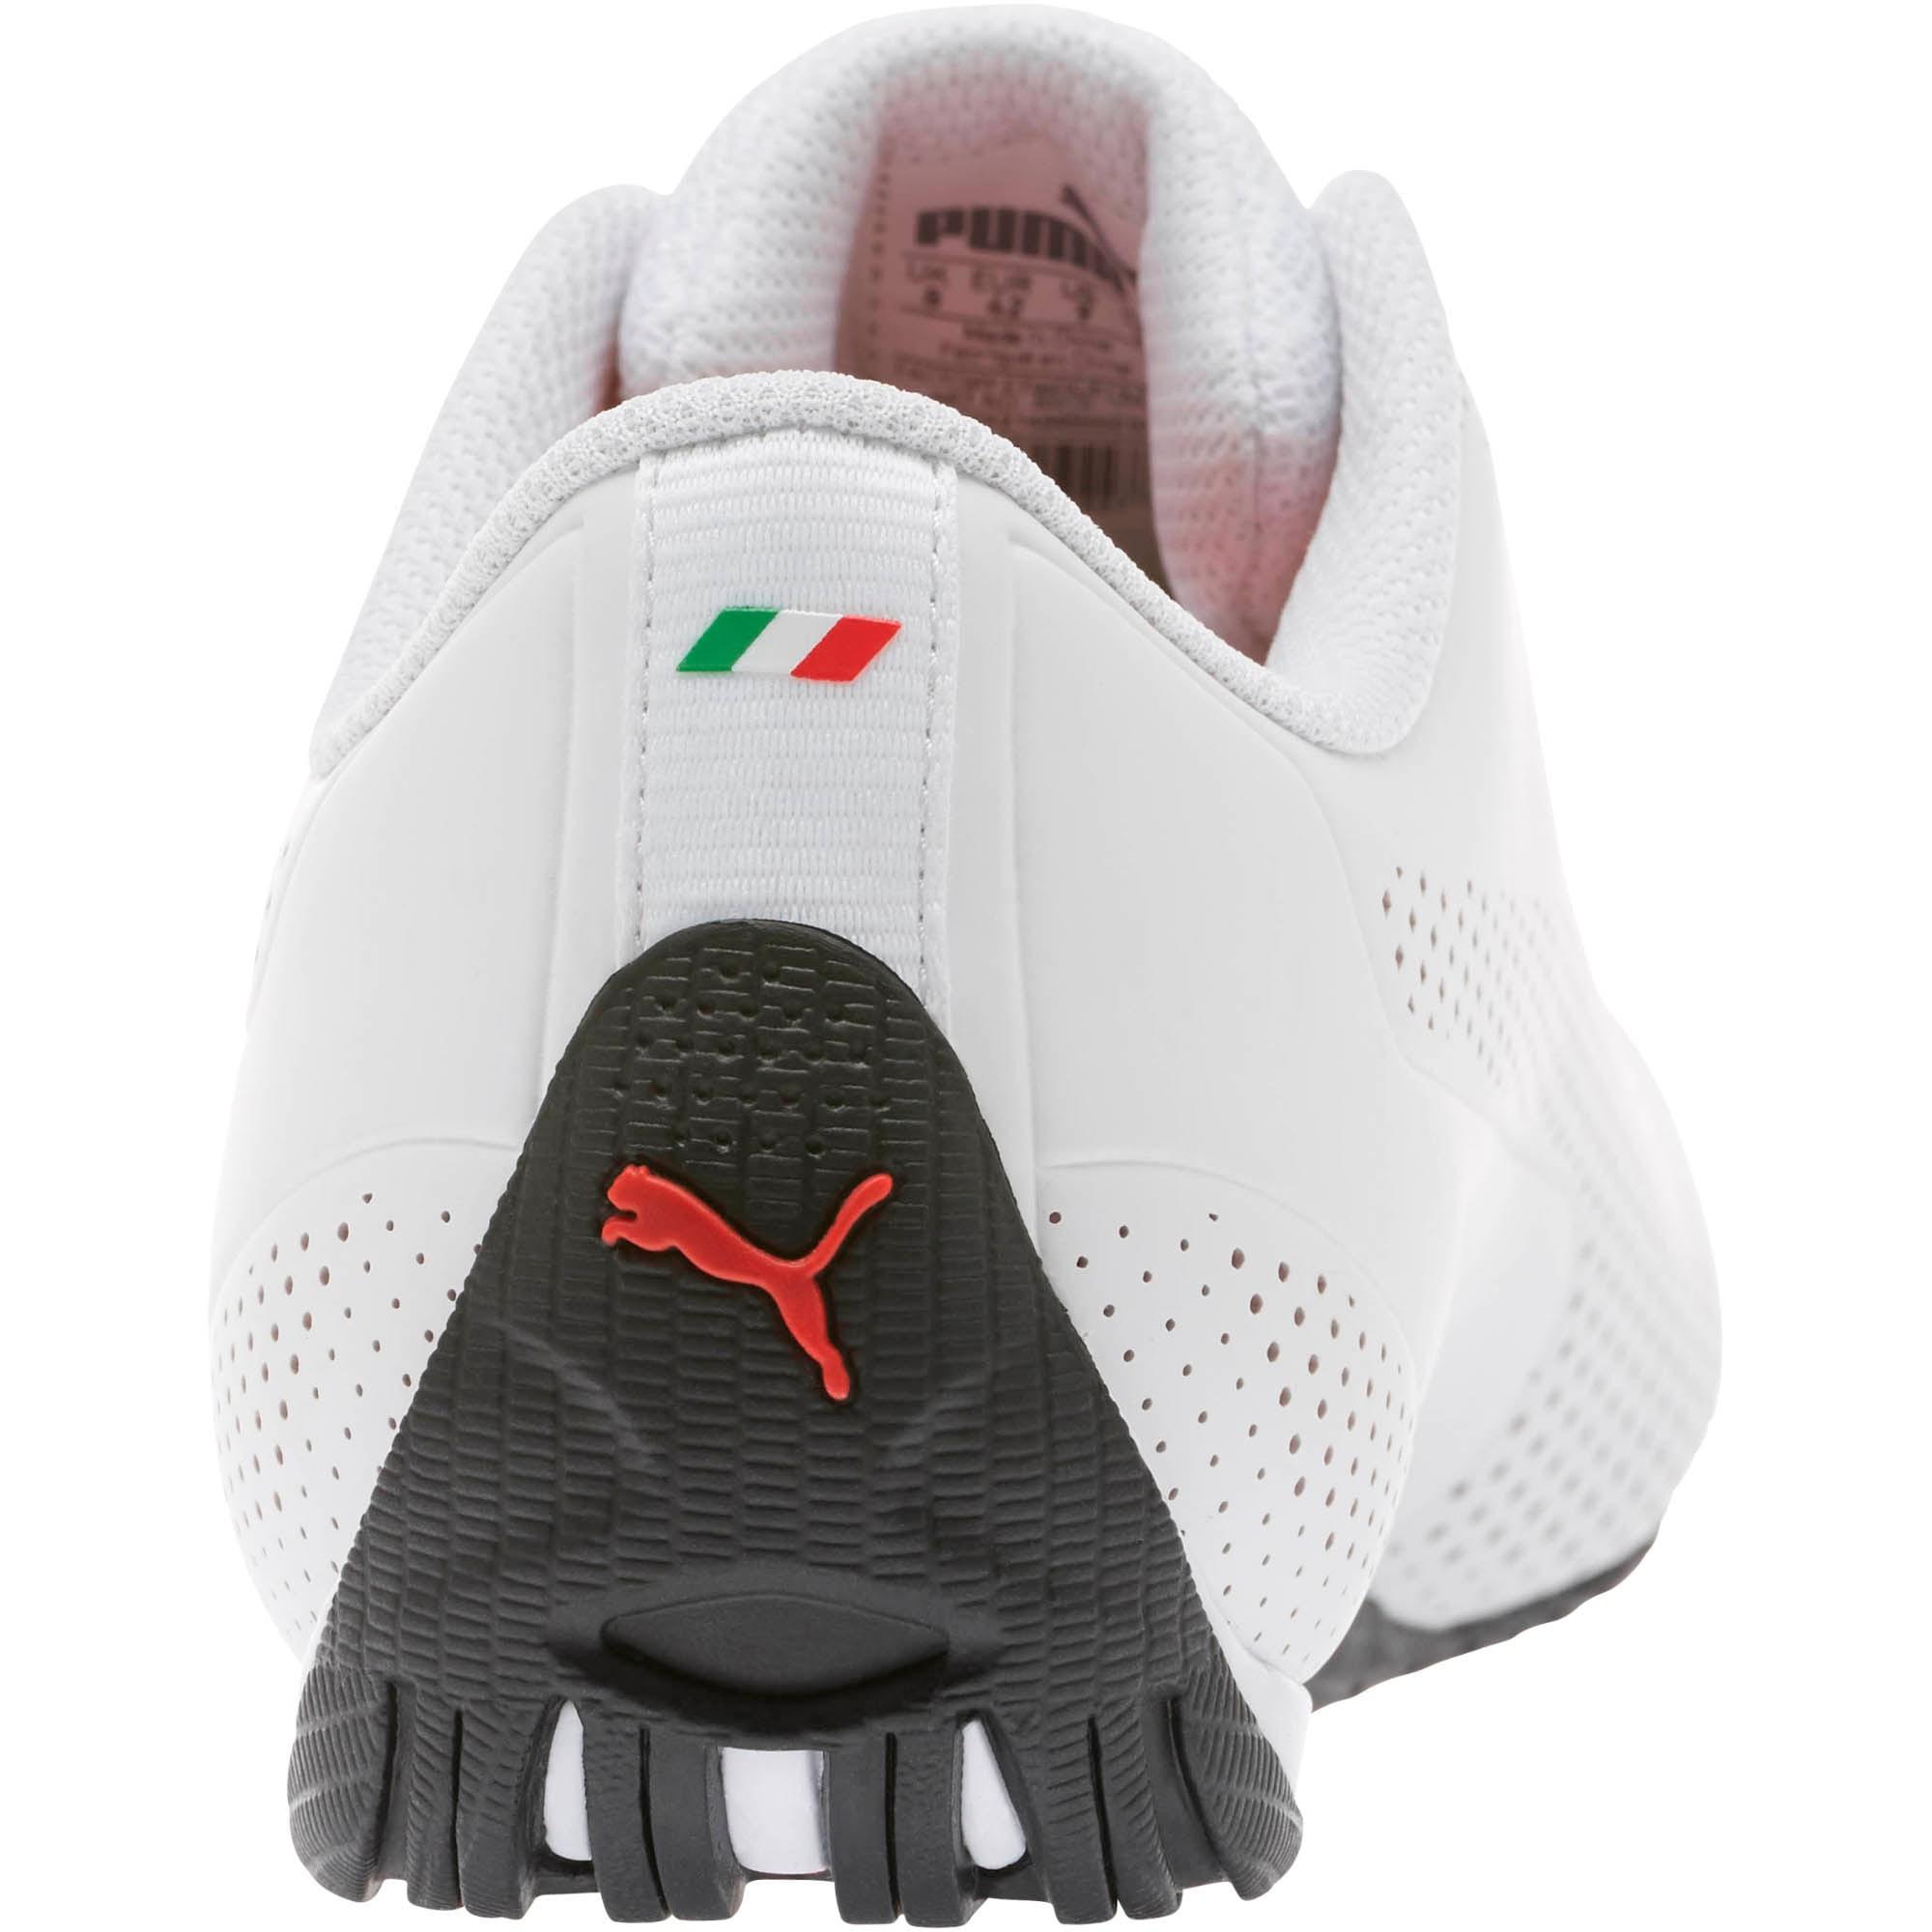 Miniatura 4 de Zapatos Scuderia Ferrari Drift Cat 5 Ultra, Puma White-Rosso Corsa-Black, mediano